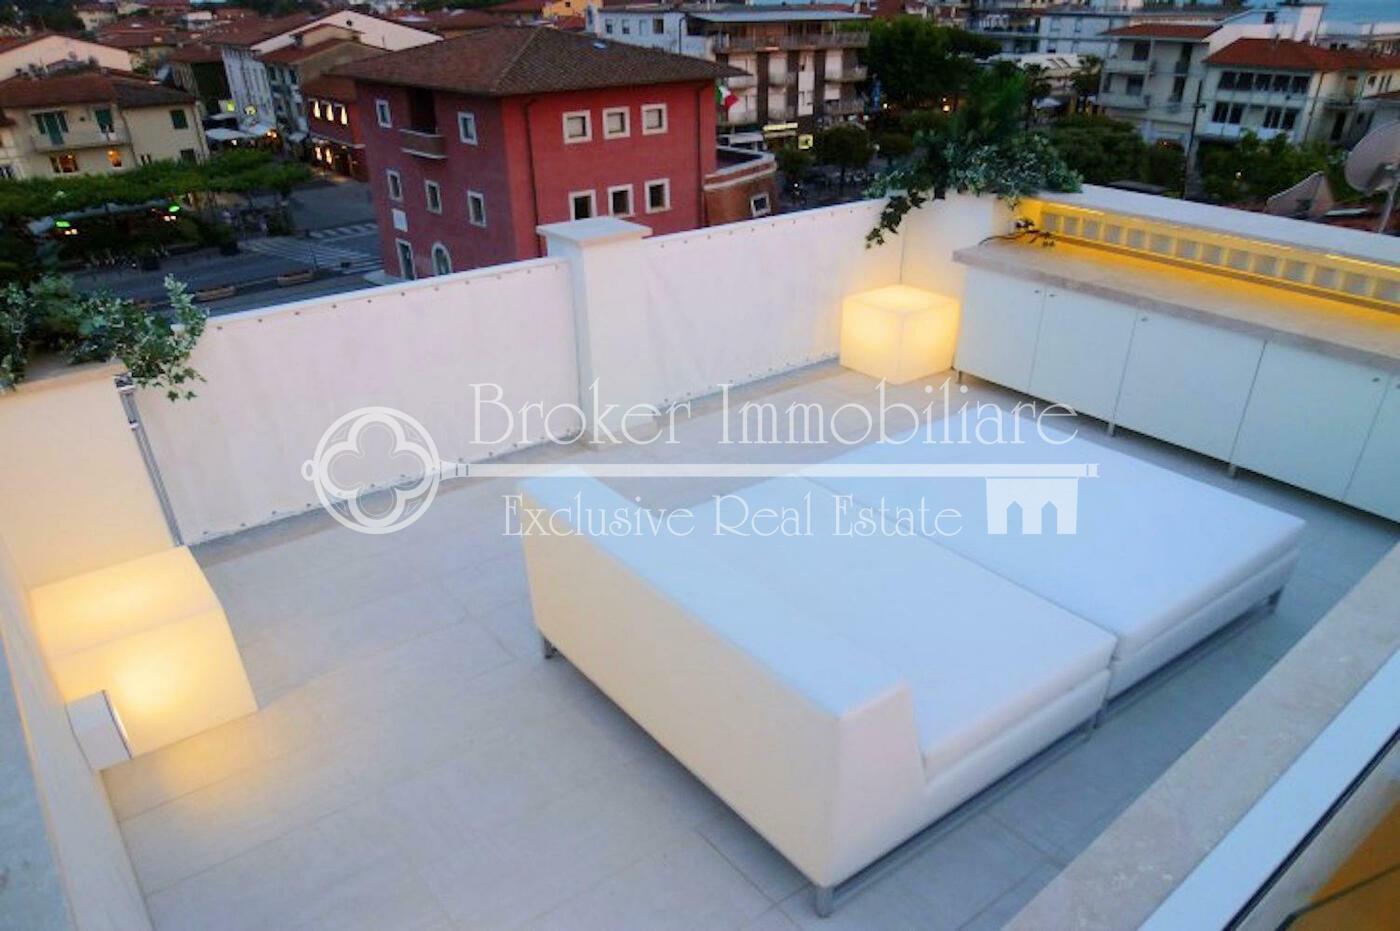 Dachwohnung Mit Terrasse Und Meerblick Zu Verkaufen In Forte Dei Marmi,  Toskanische Riviera